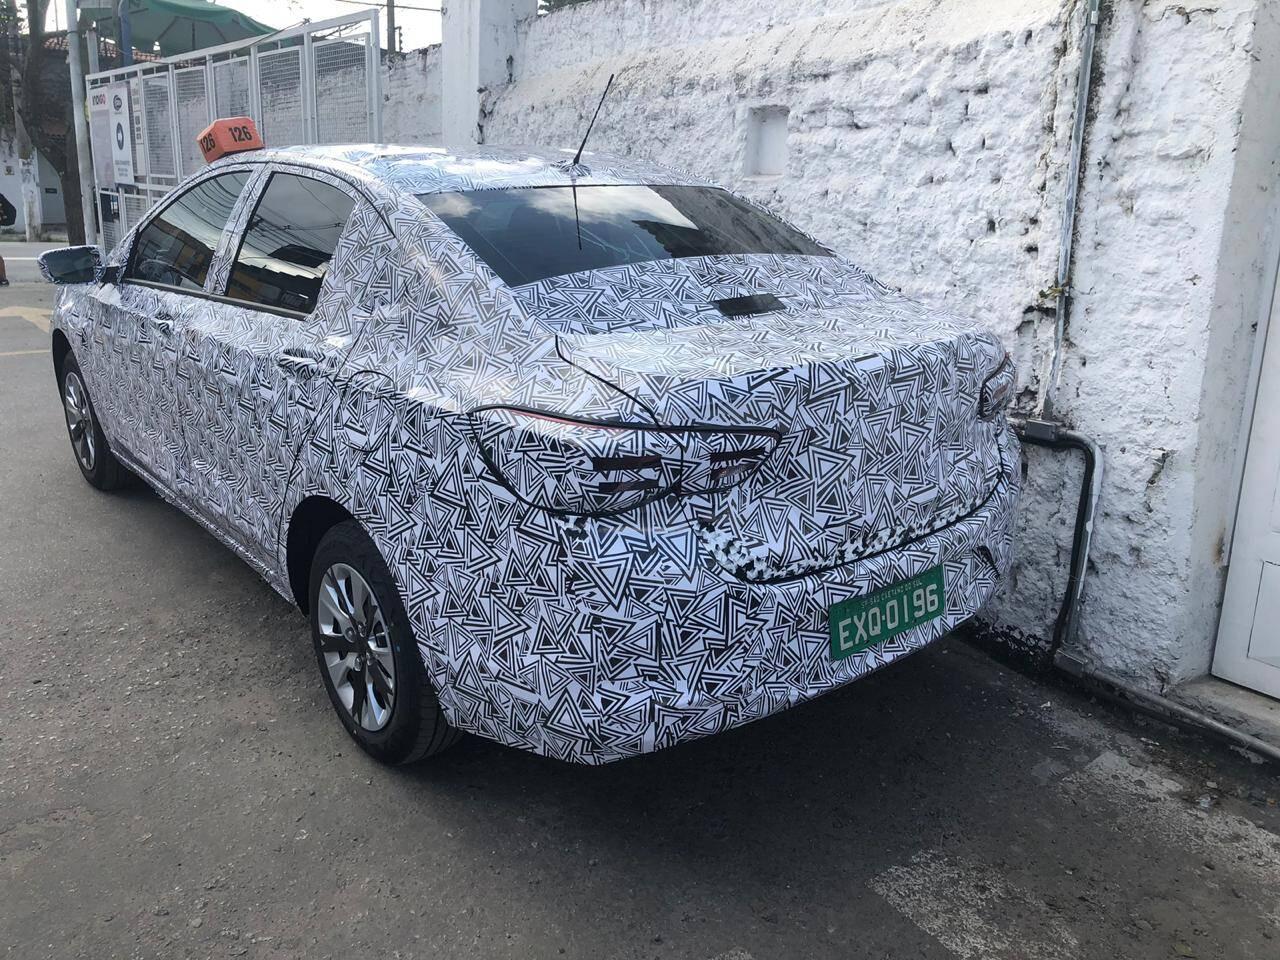 Chevrolet Onix Sedan. Foto: André Jalonetsky